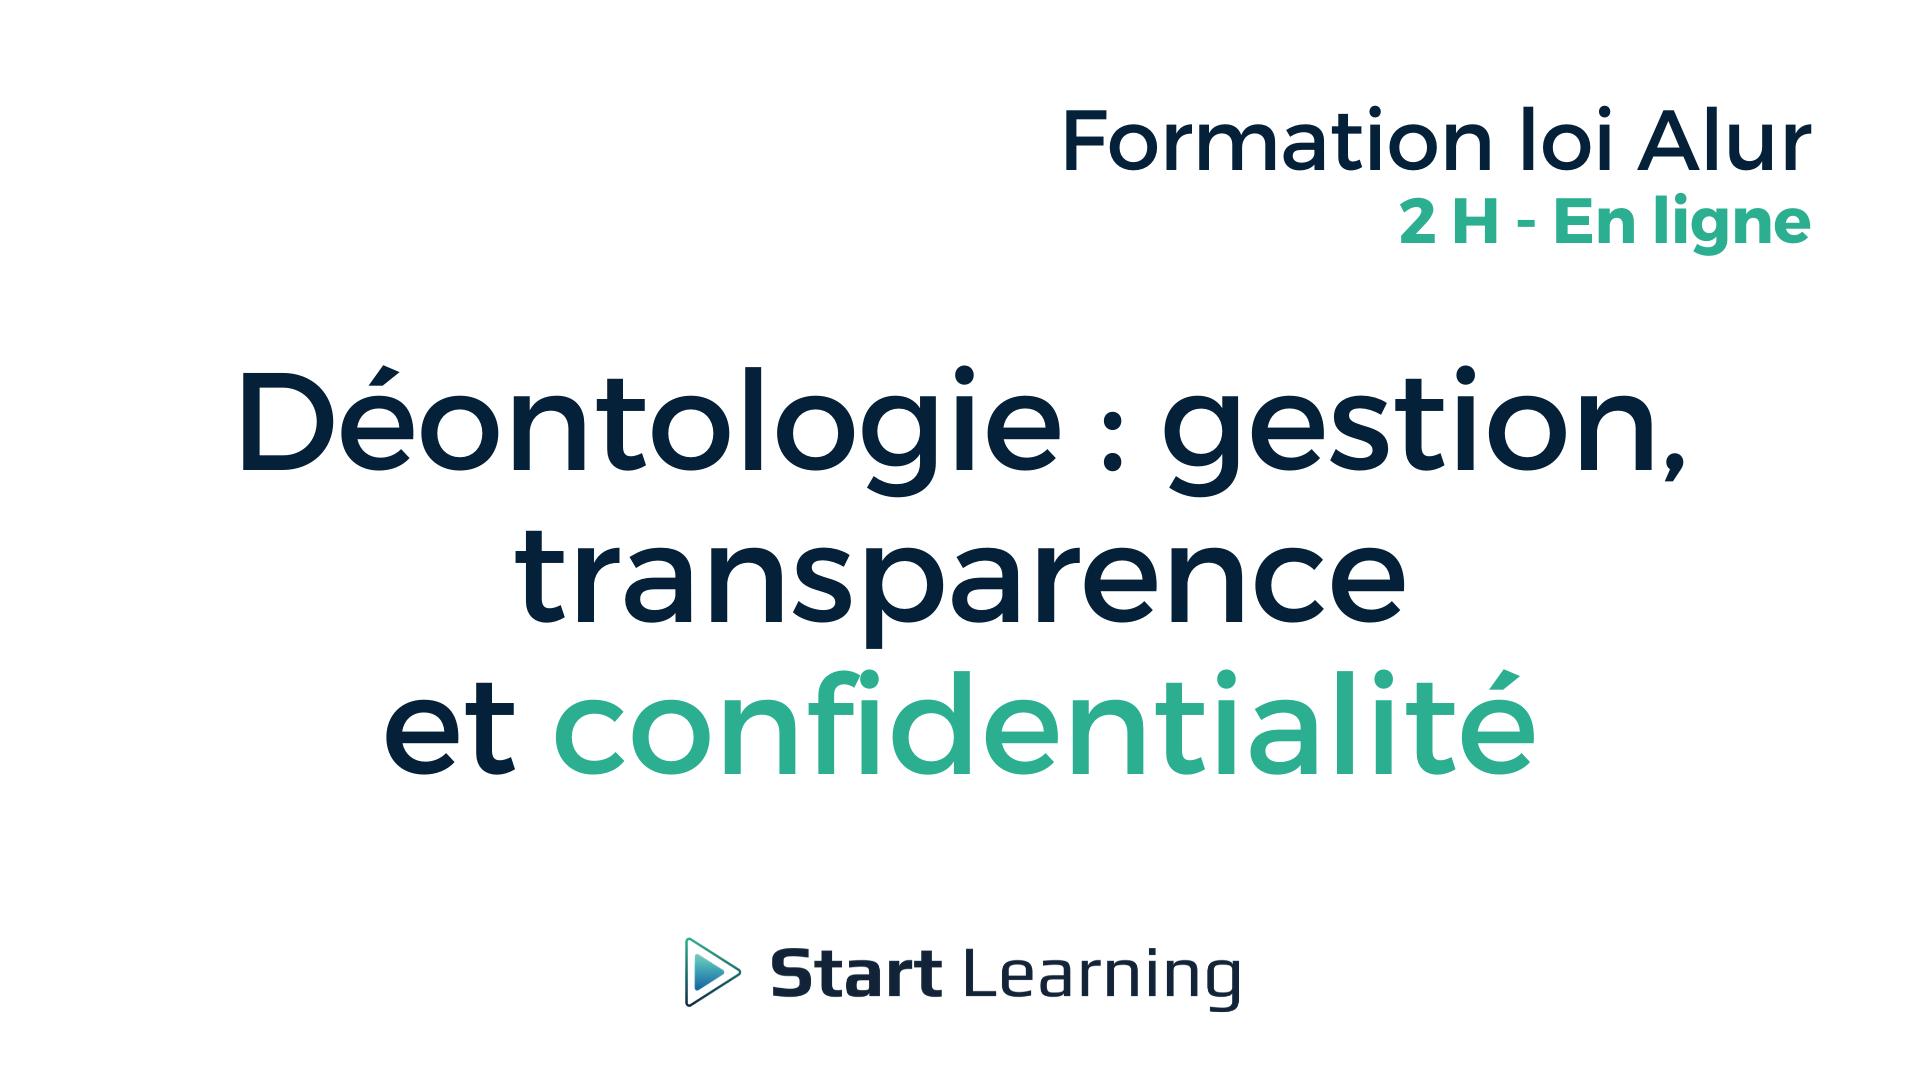 Formation loi Alur en ligne - Déontologie gestions transparence et confidentialité